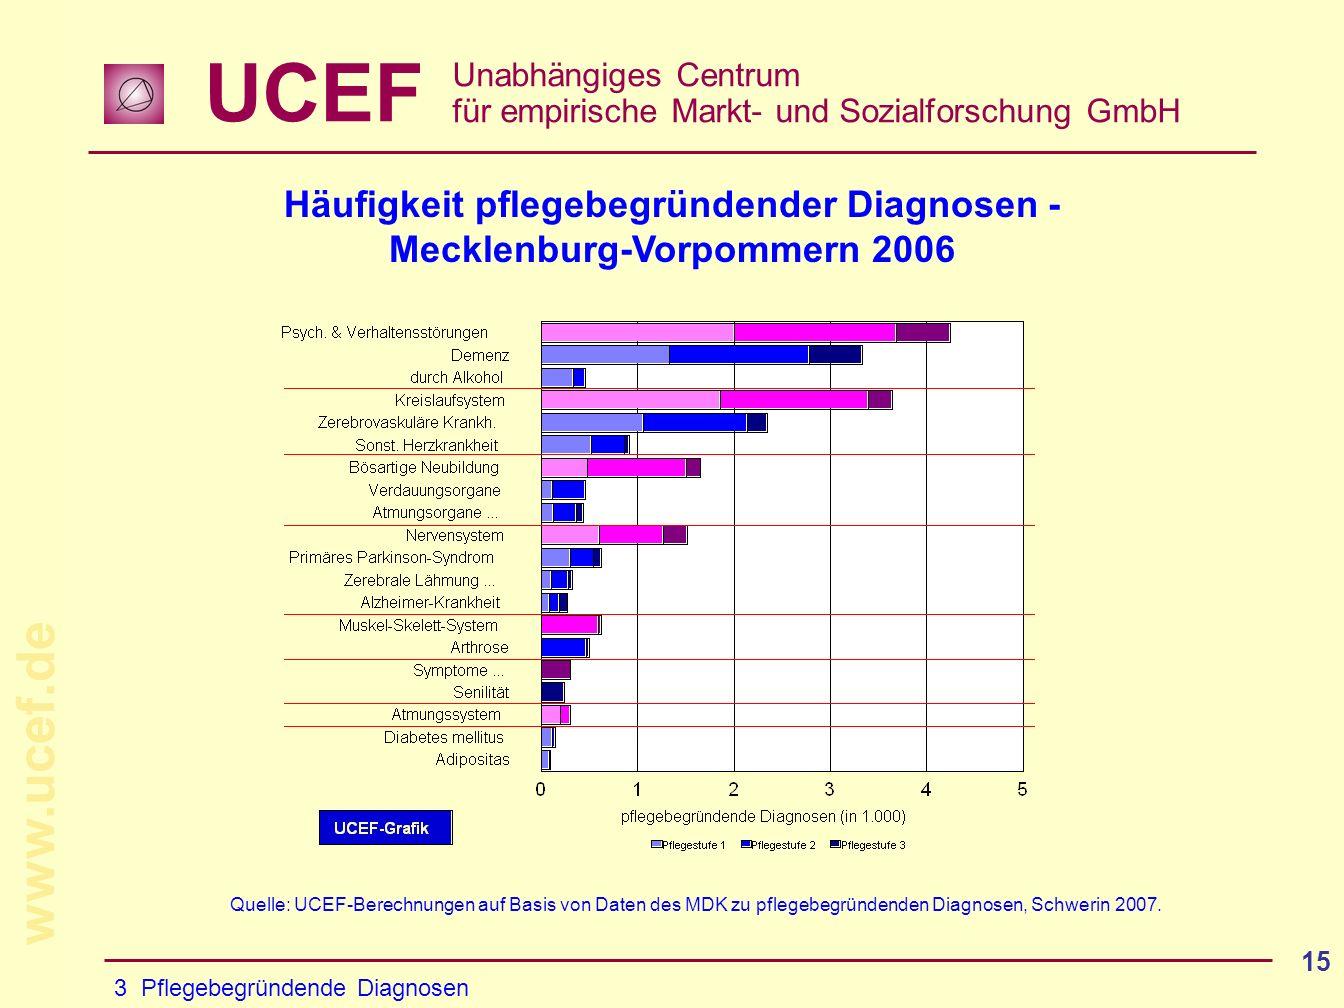 Häufigkeit pflegebegründender Diagnosen - Mecklenburg-Vorpommern 2006